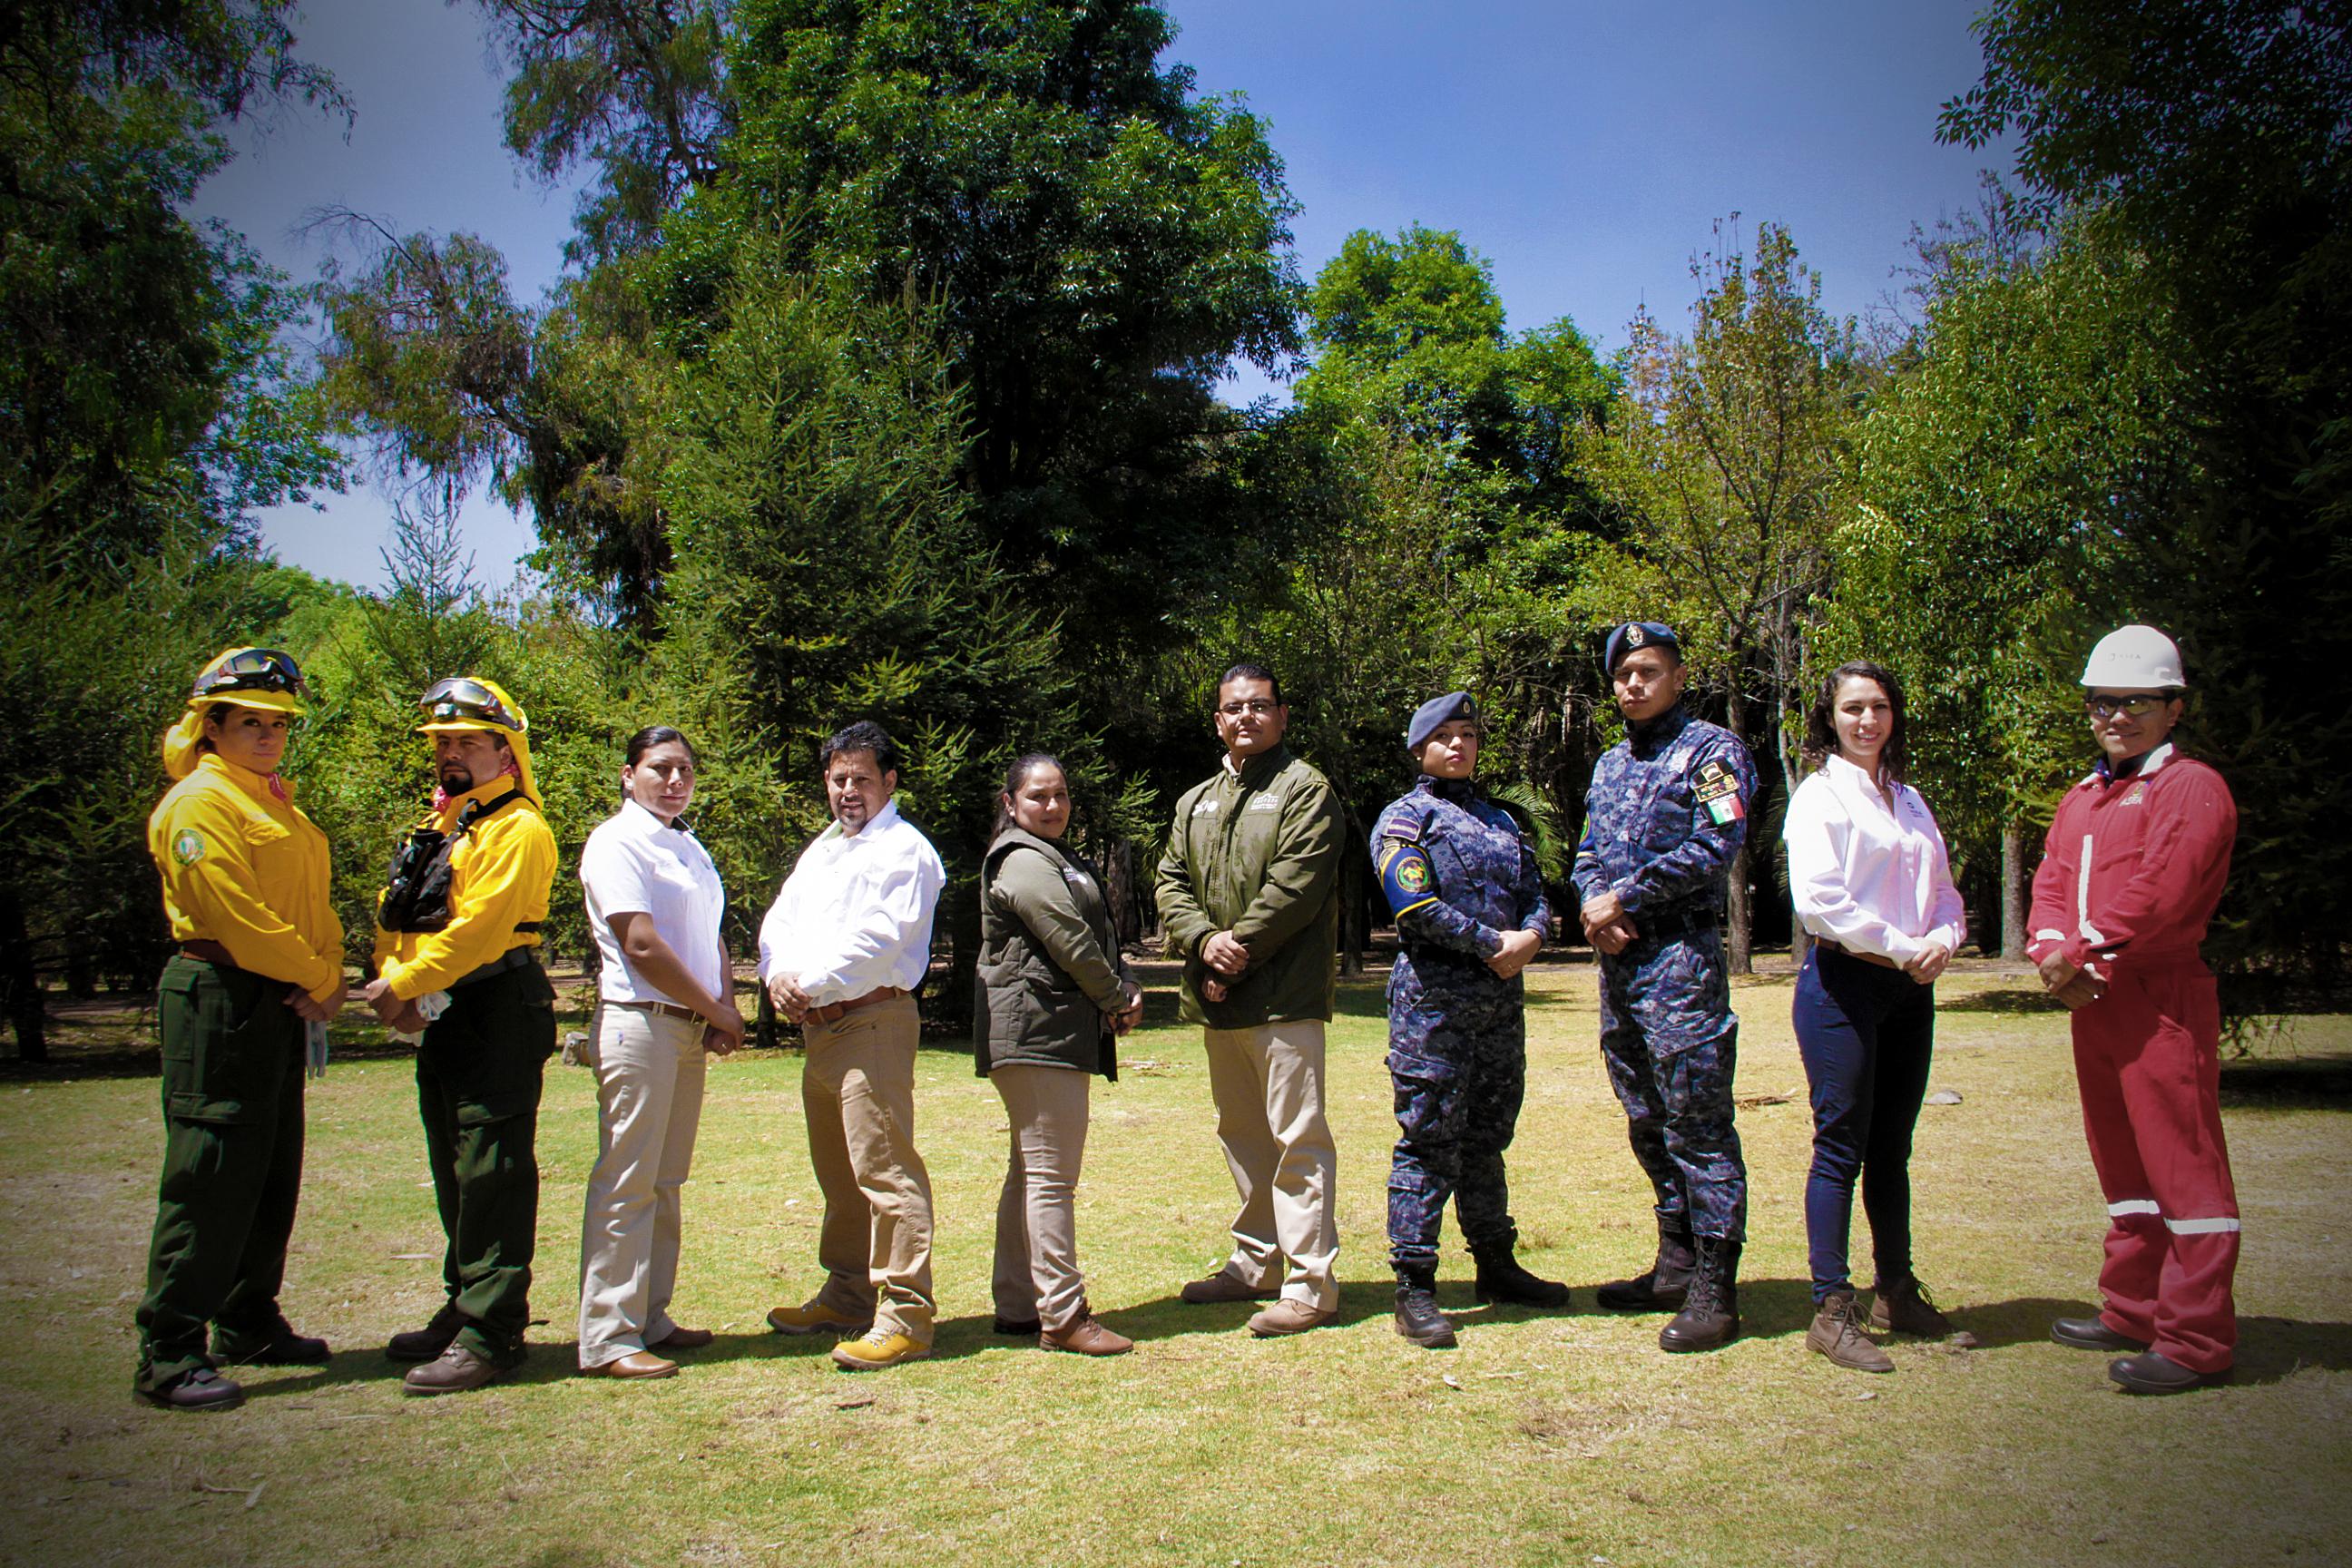 El patrimonio natural de México está mejor protegido que nunca antes. El Gobierno de la República ha demostrado así su compromiso con el medio ambiente y el interés porque los futuros mexicanos gocen de esta riqueza natural.